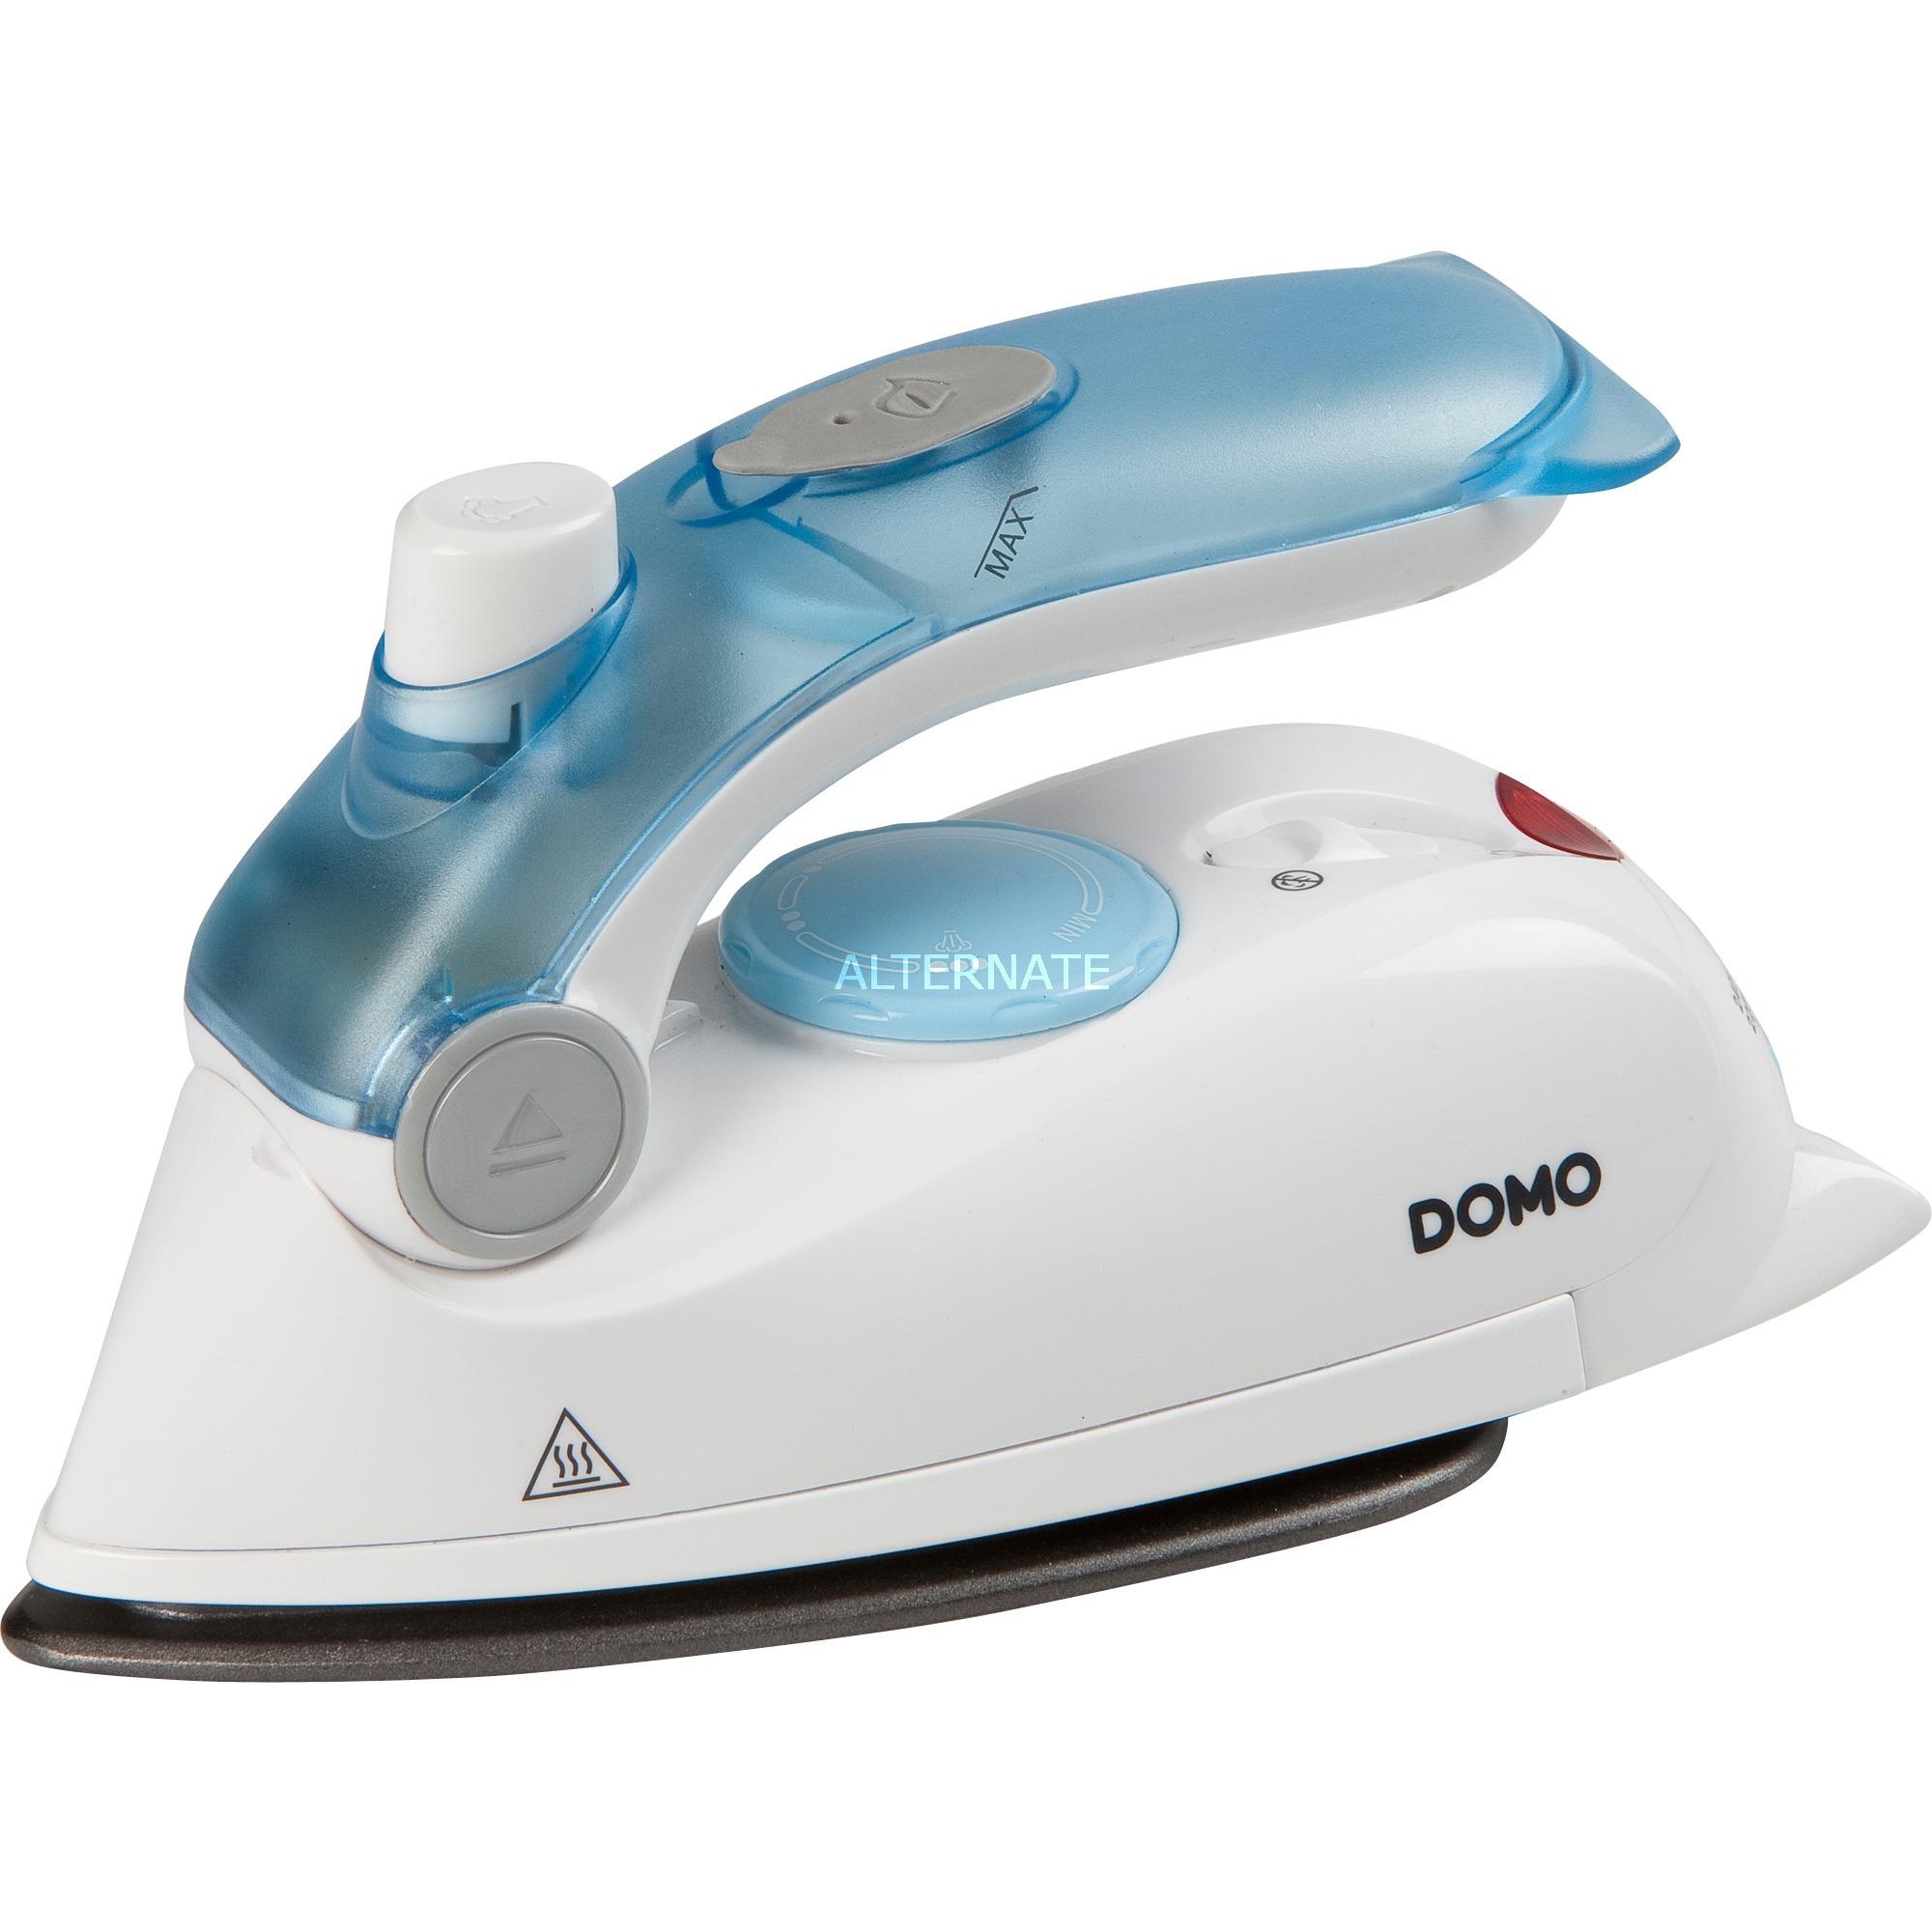 DO7036S Plancha vapor-seco 1000W Azul, Color blanco plancha, Plancha a vapor